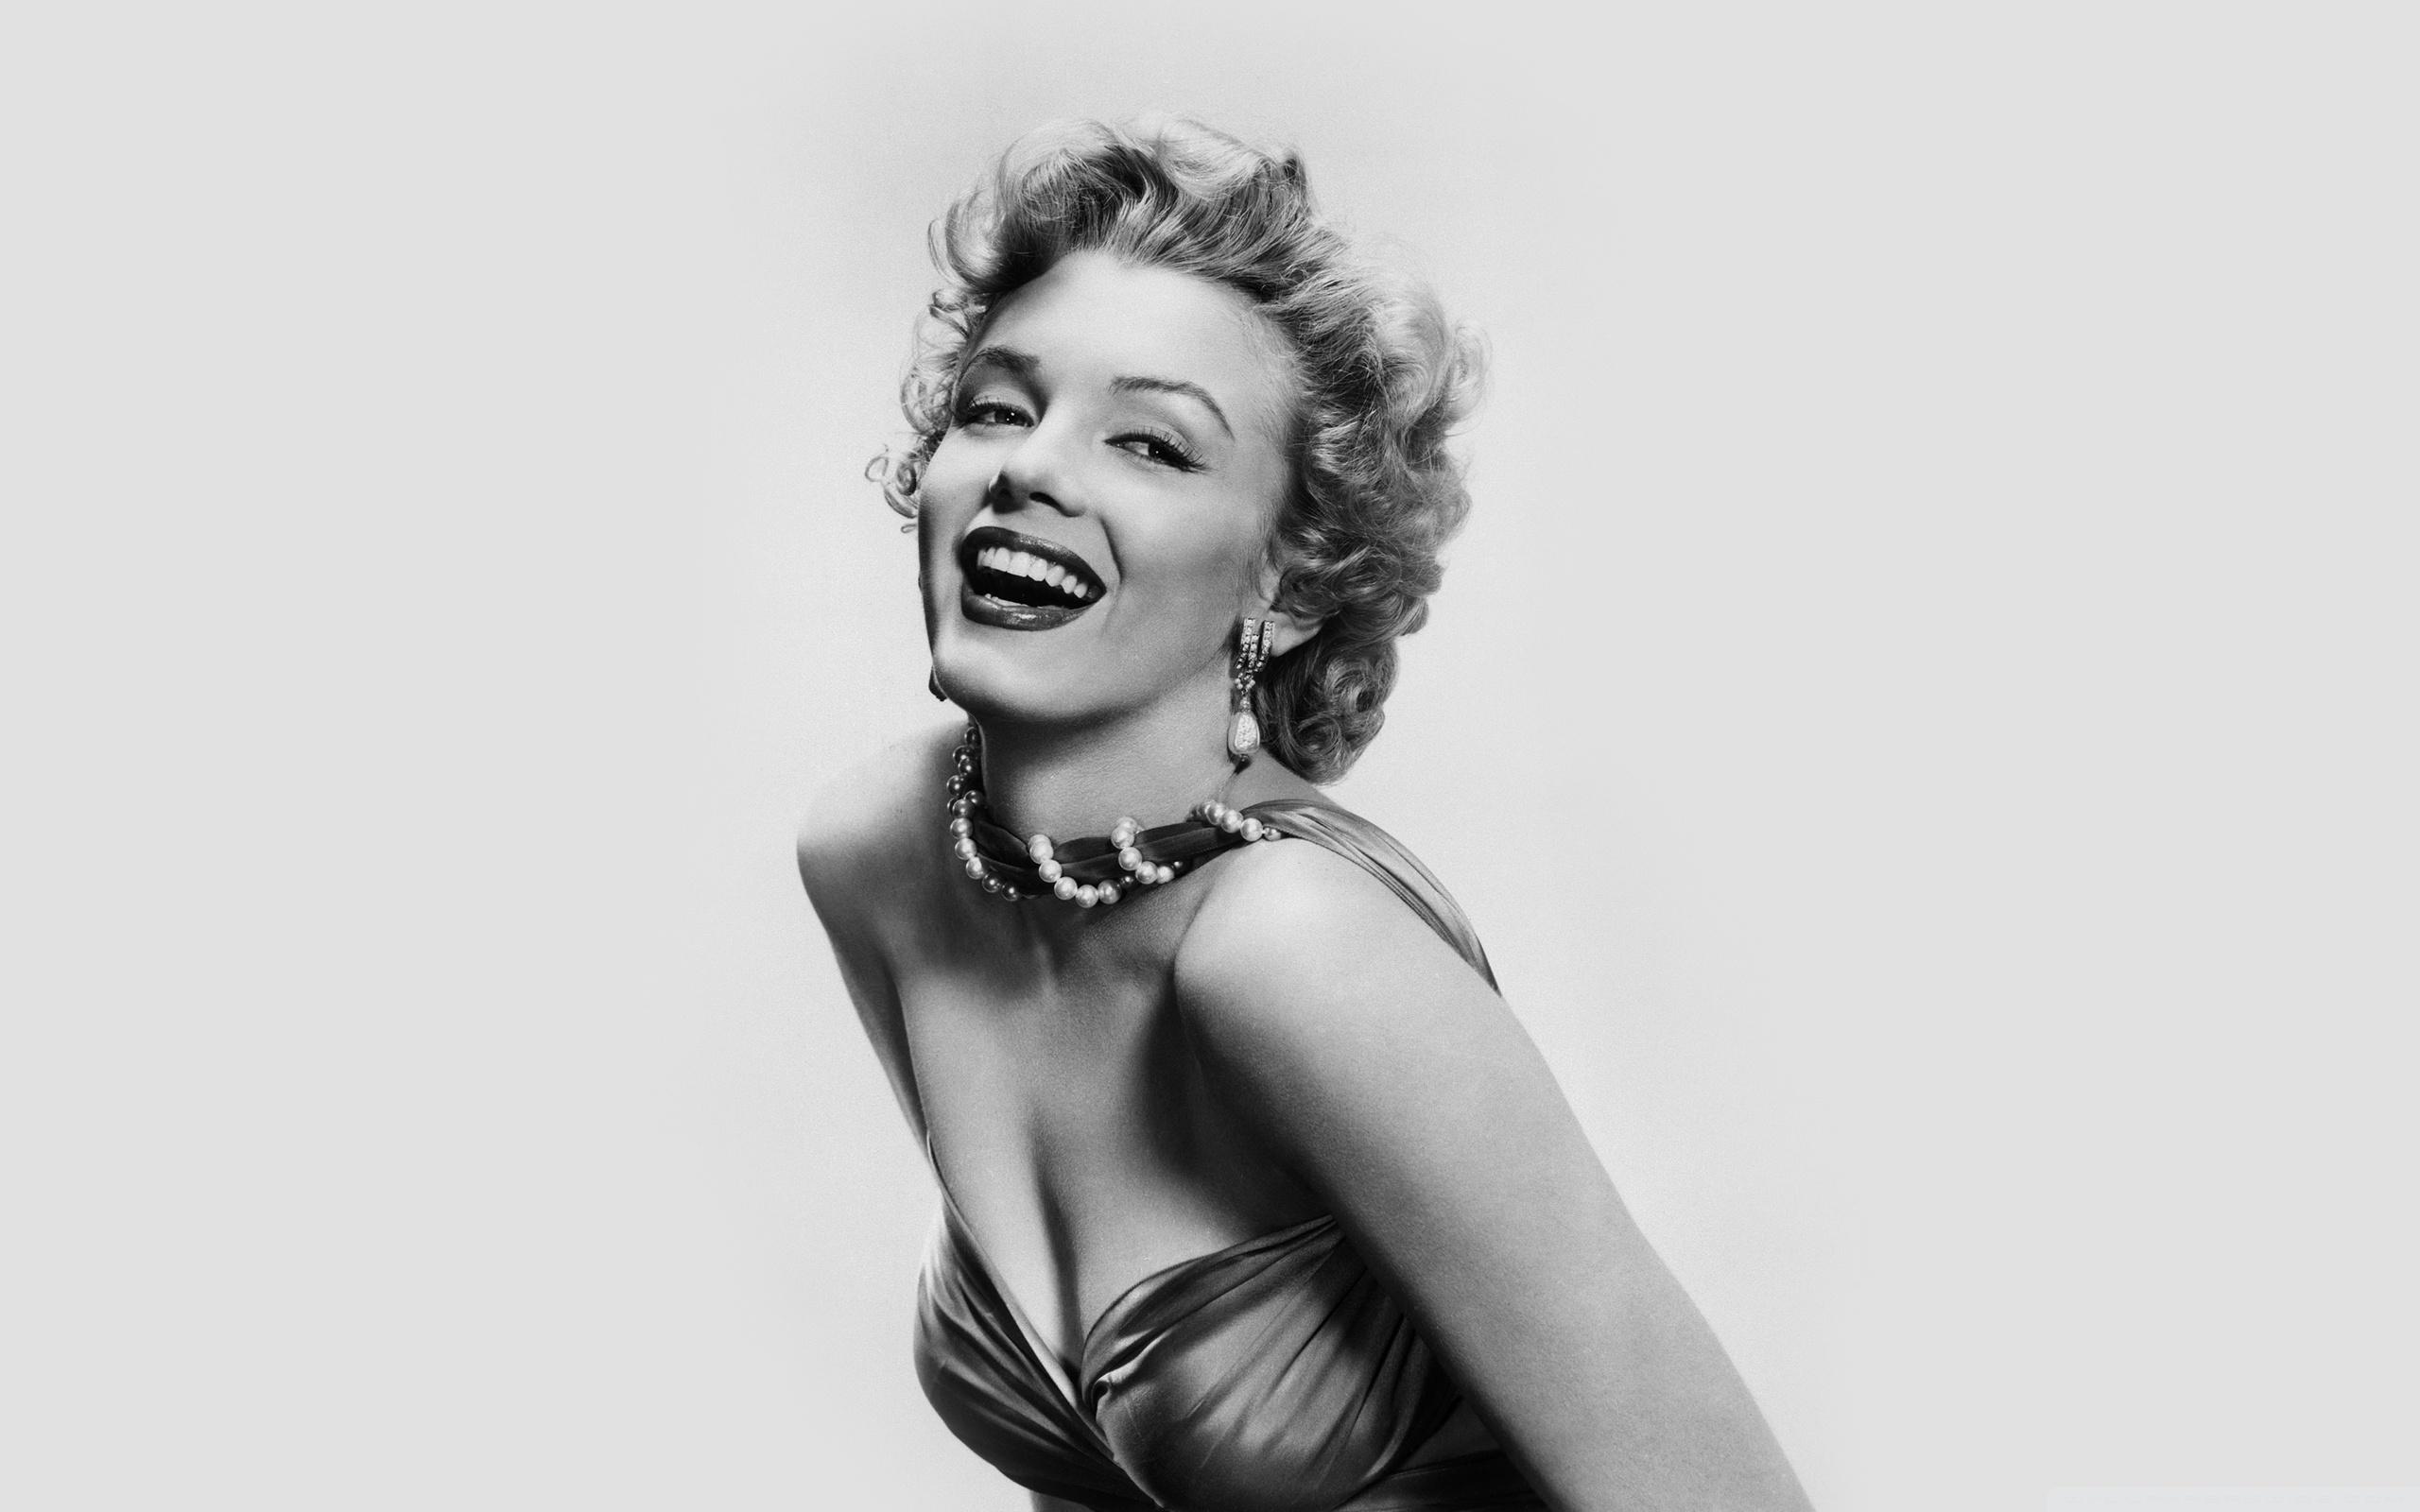 Marilyn Monroe HD Wide Wallpaper for Widescreen